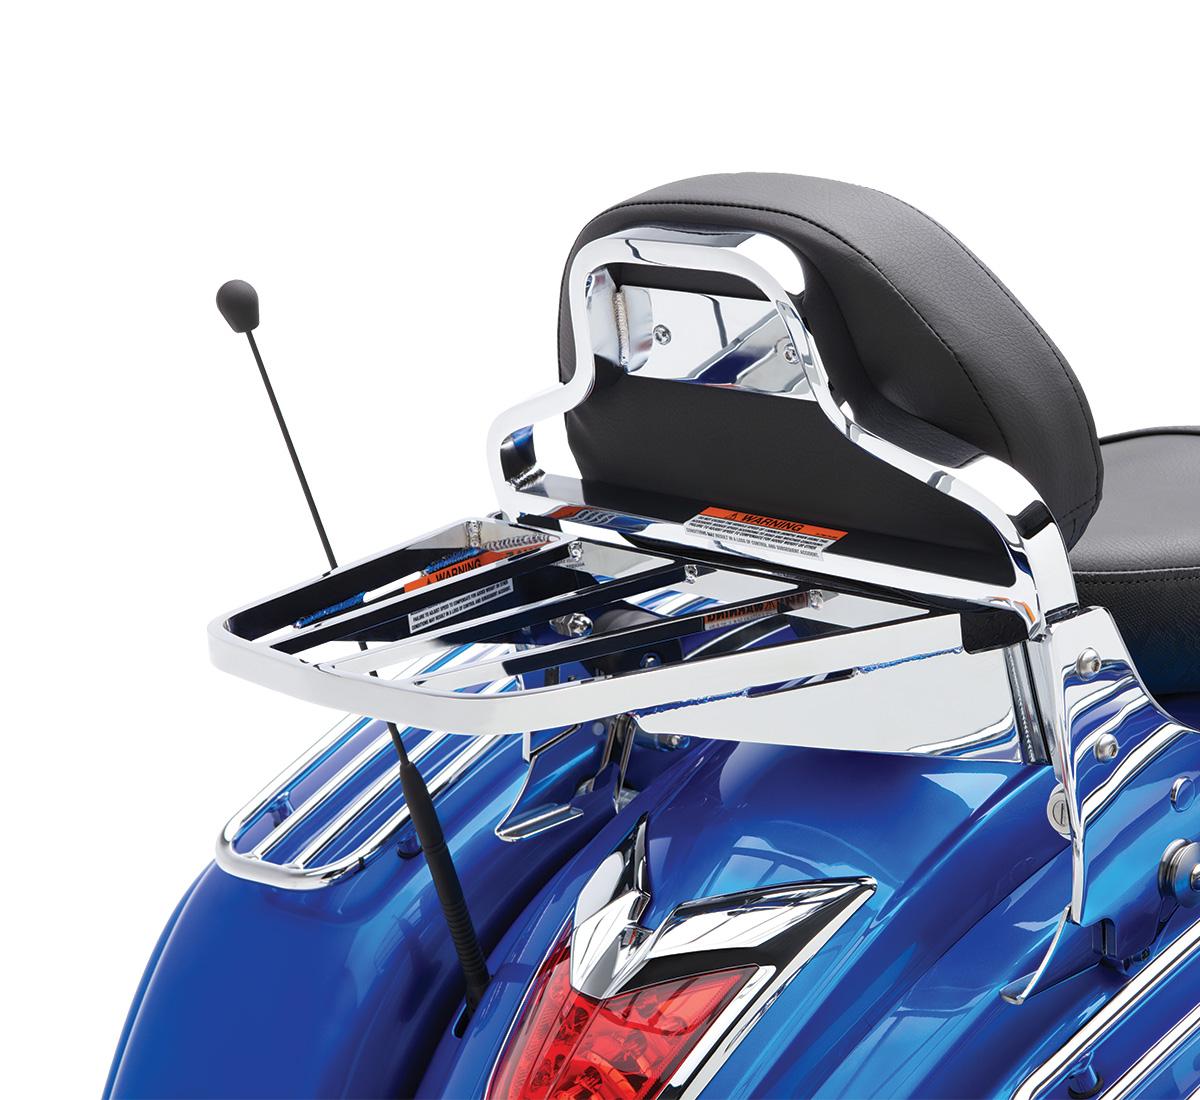 Motorcycle Kqr Luggage Rack